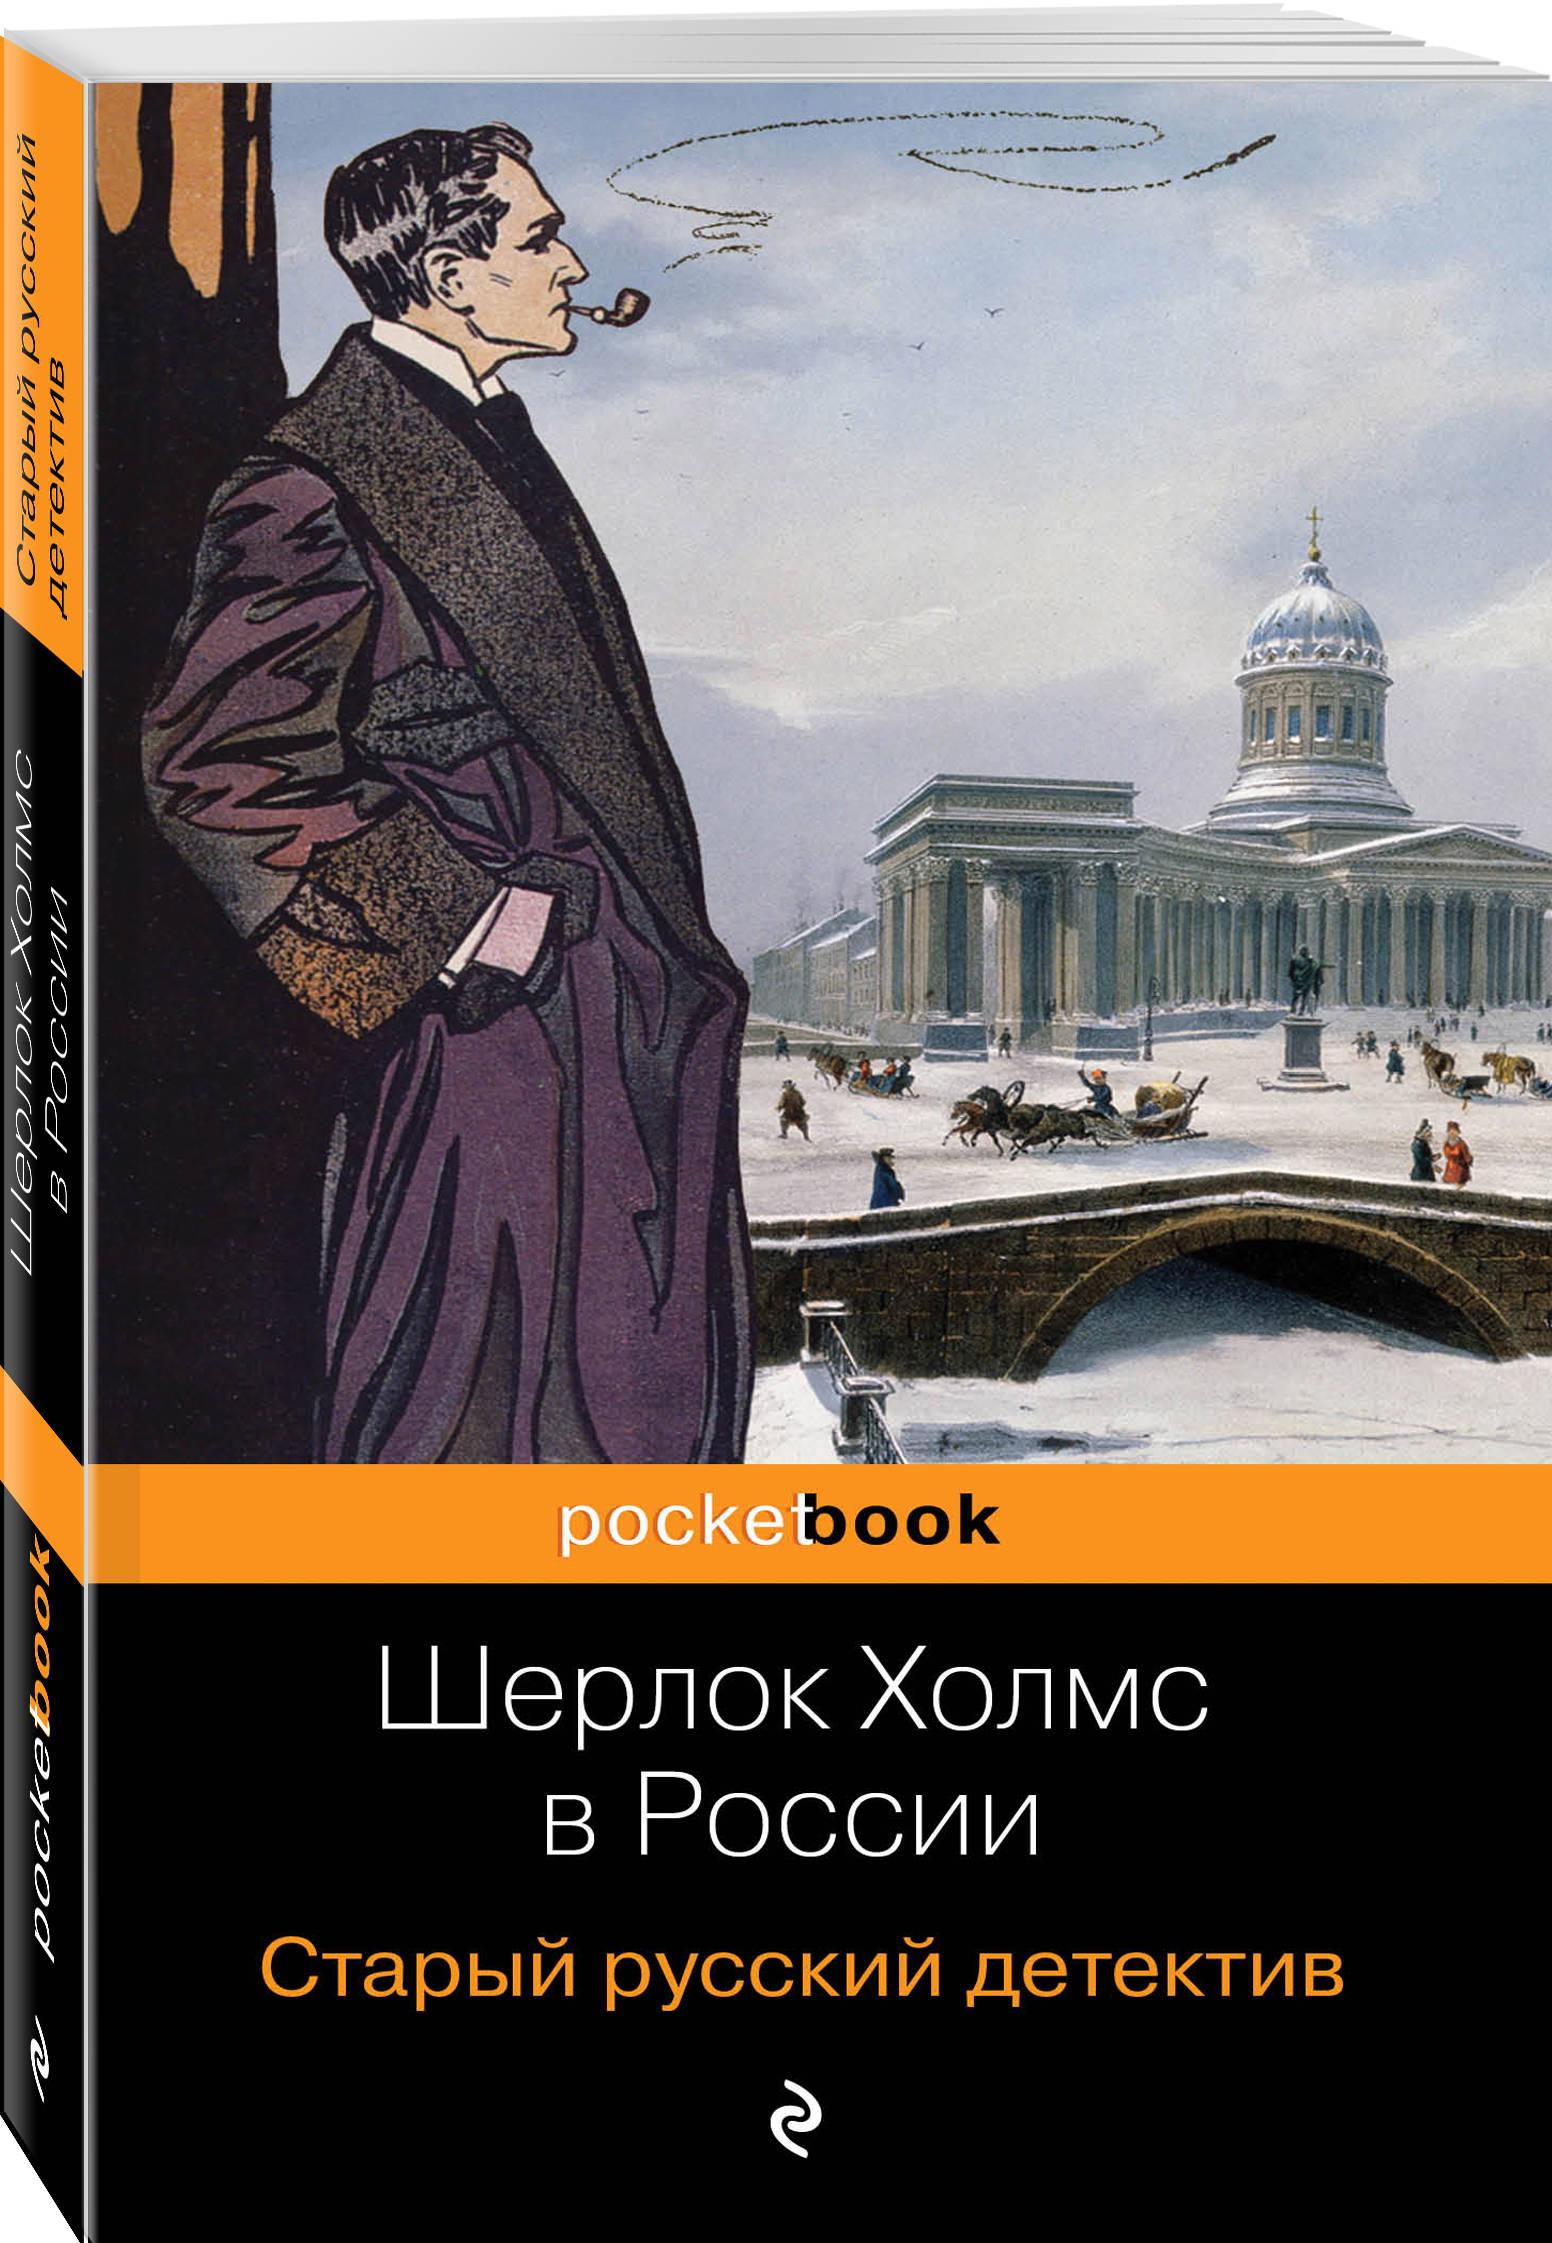 Никитин П., Орловец П. Шерлок Холмс в России. Старый русский детектив